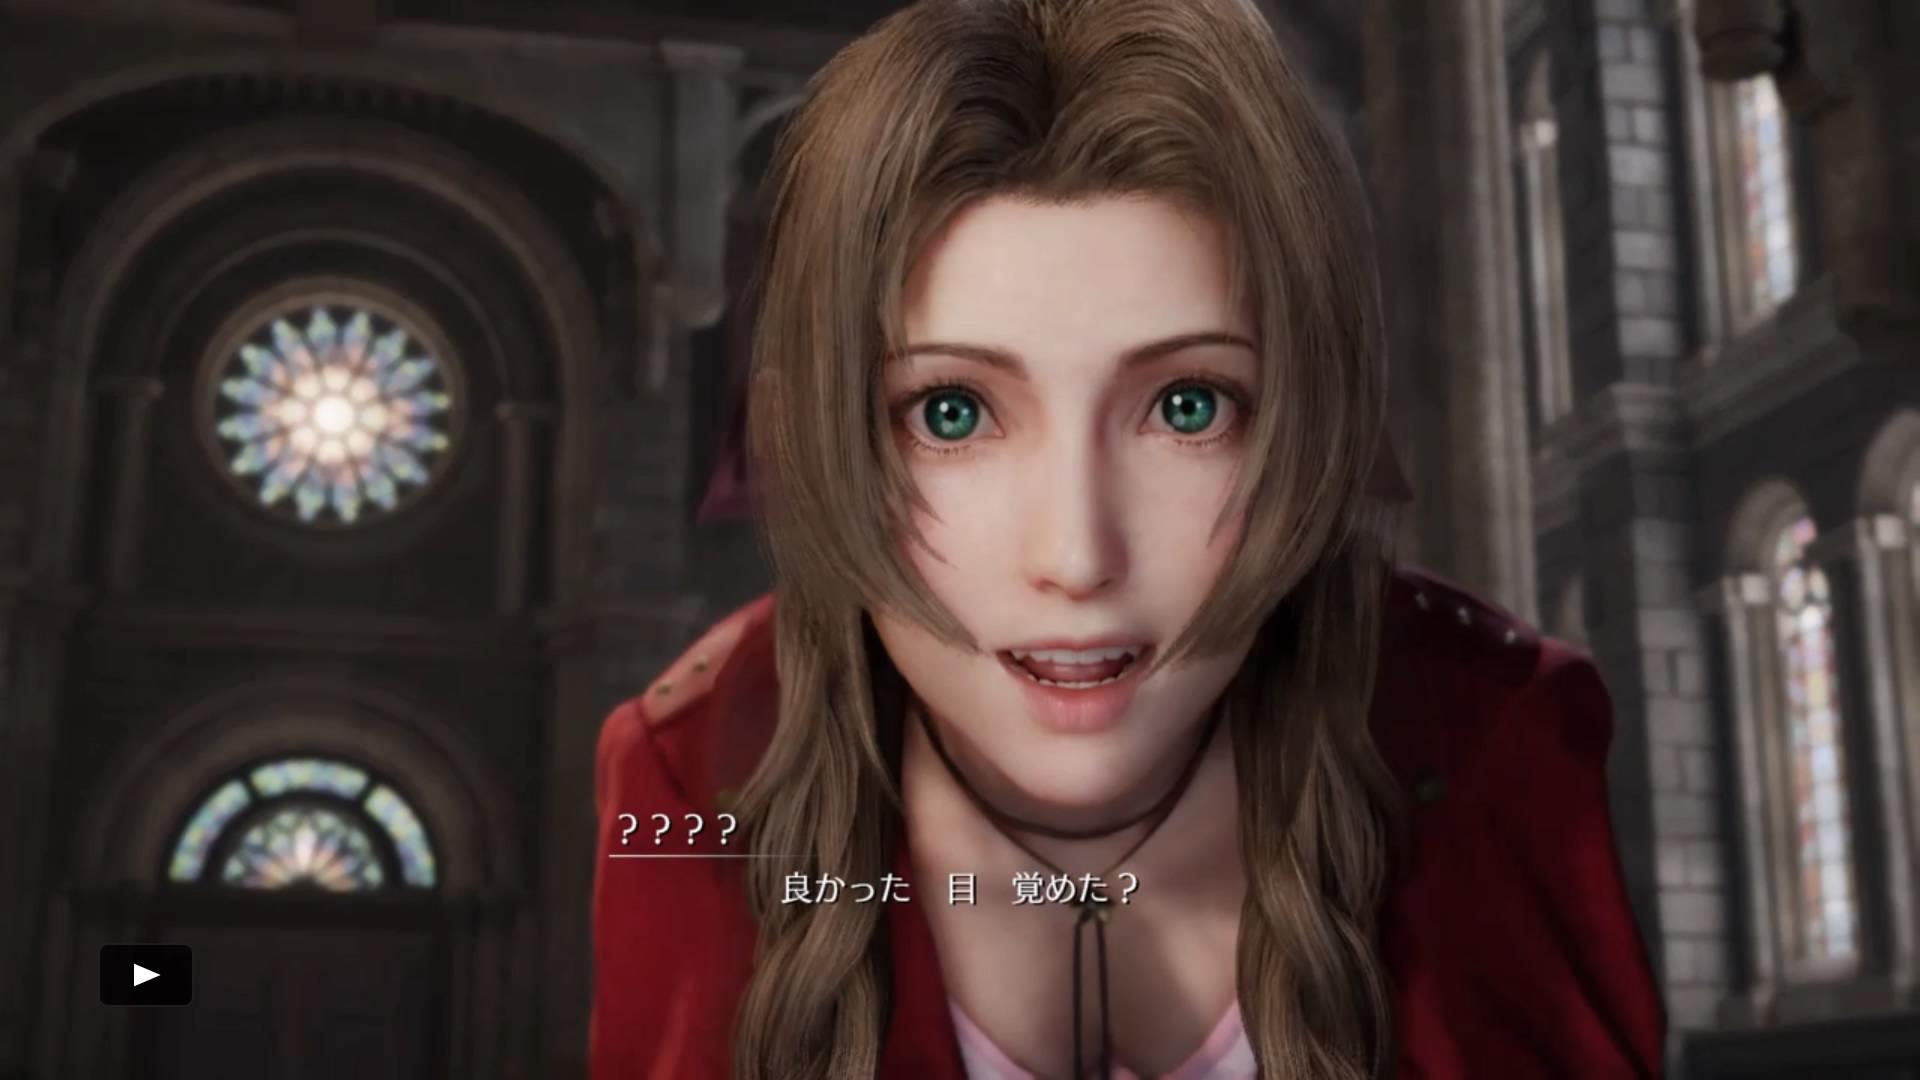 【FF7REMAKE】第29回攻略・感想 エアリス再会!謎のローブの魔物は味方なのか?